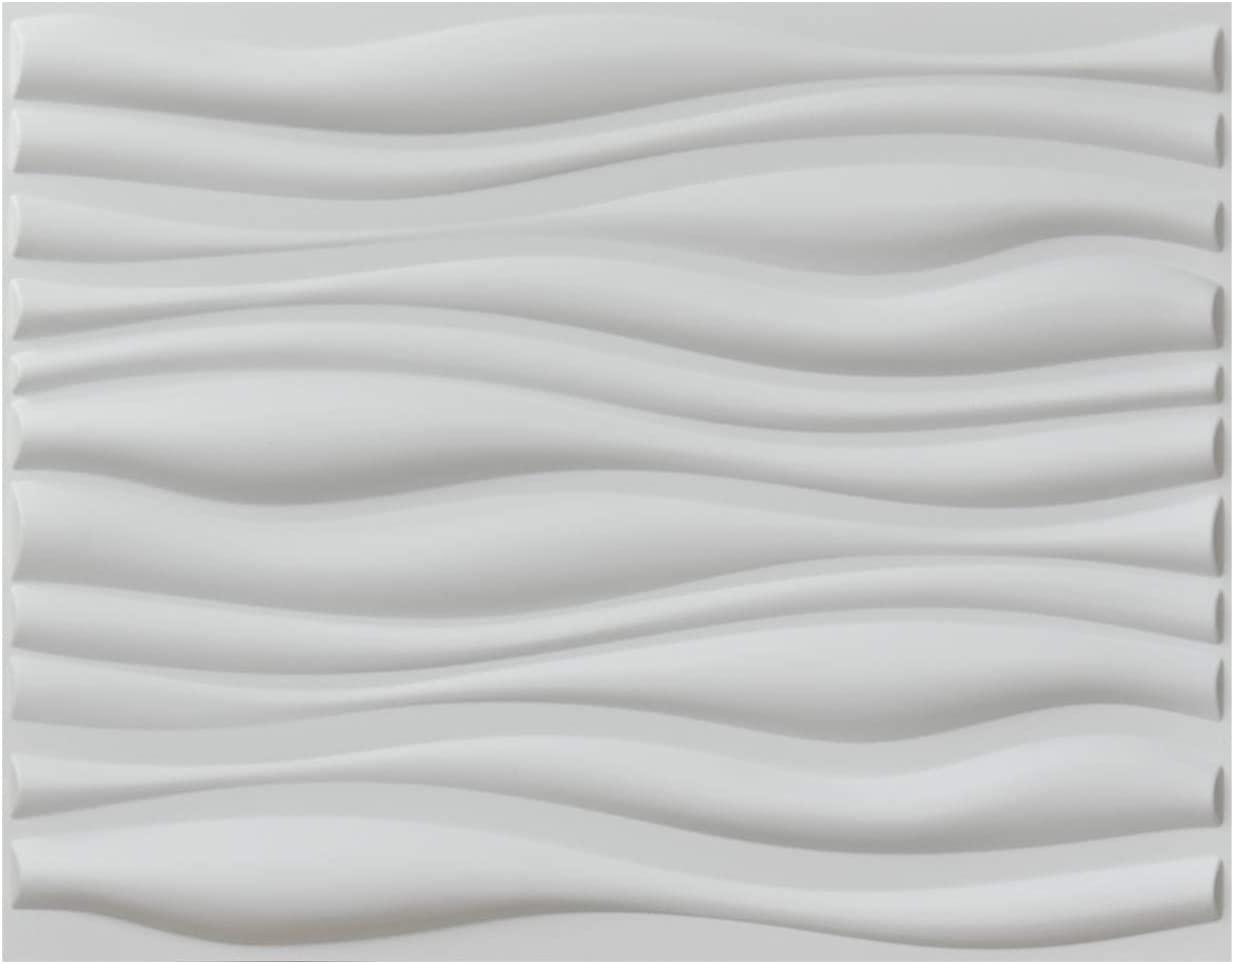 Art3d Decorative 3D Wall Panels Big Wave Deisgn, 31.5